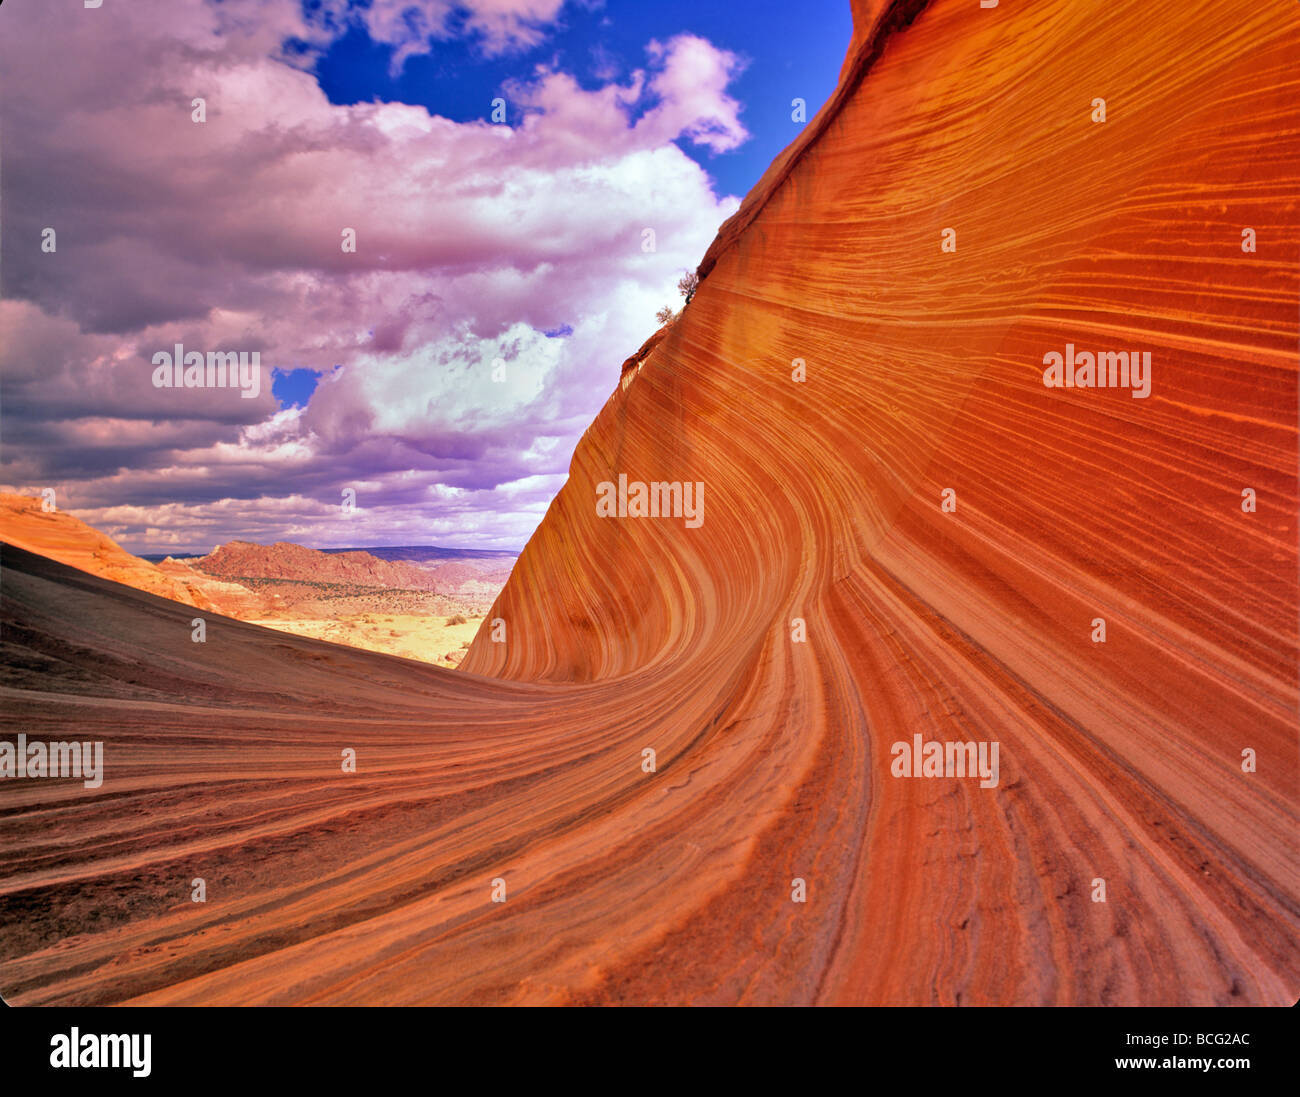 The Wave Vermillion Cliffs Wilderness Arizona - Stock Image